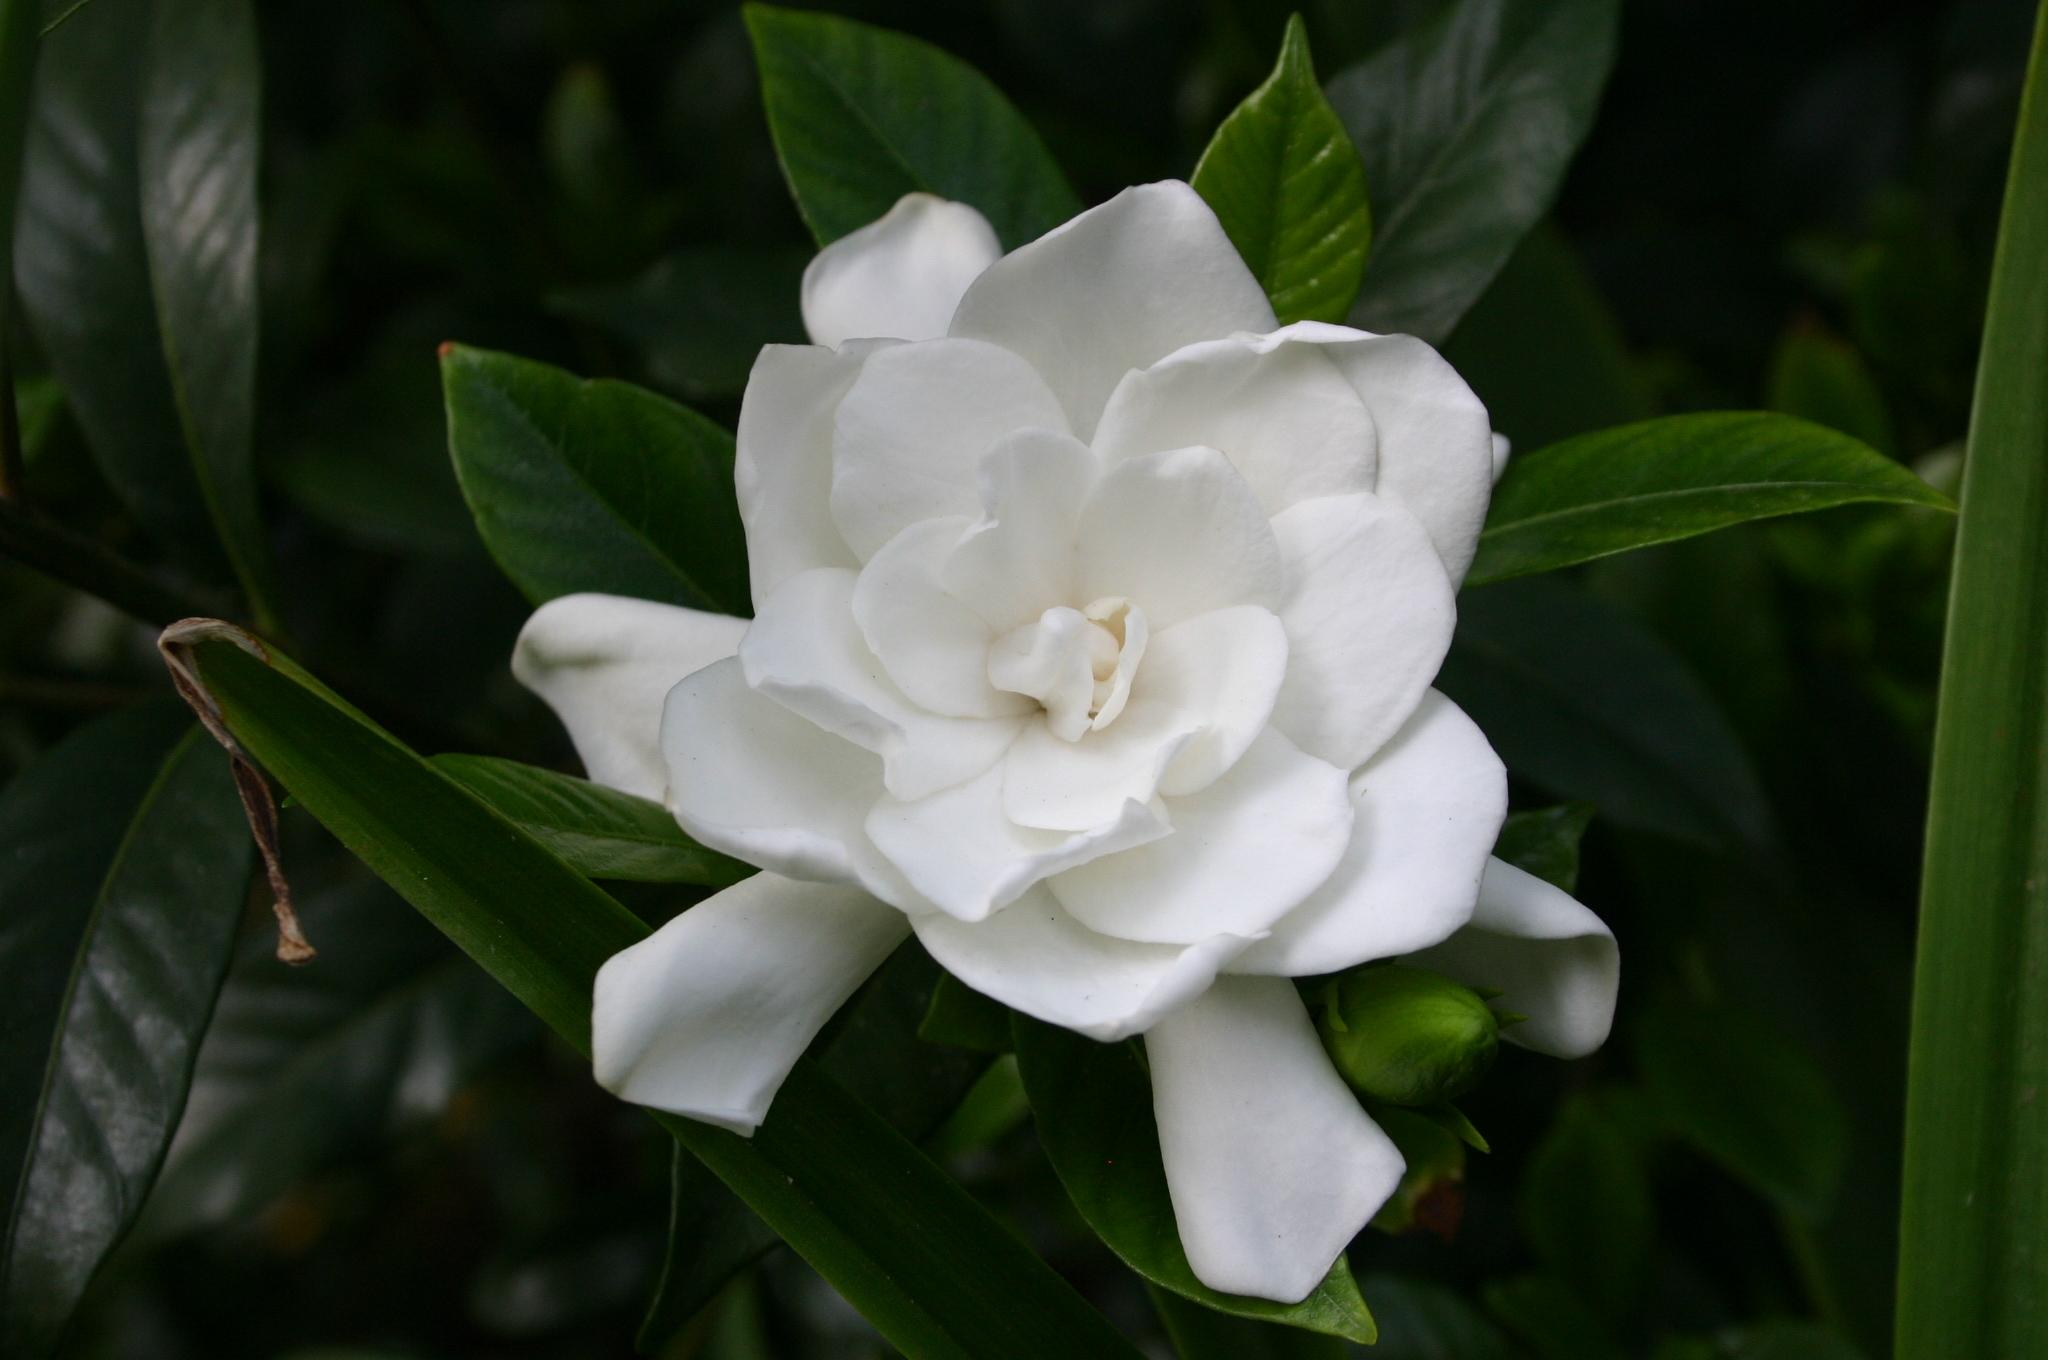 gardenia flower 4 WR